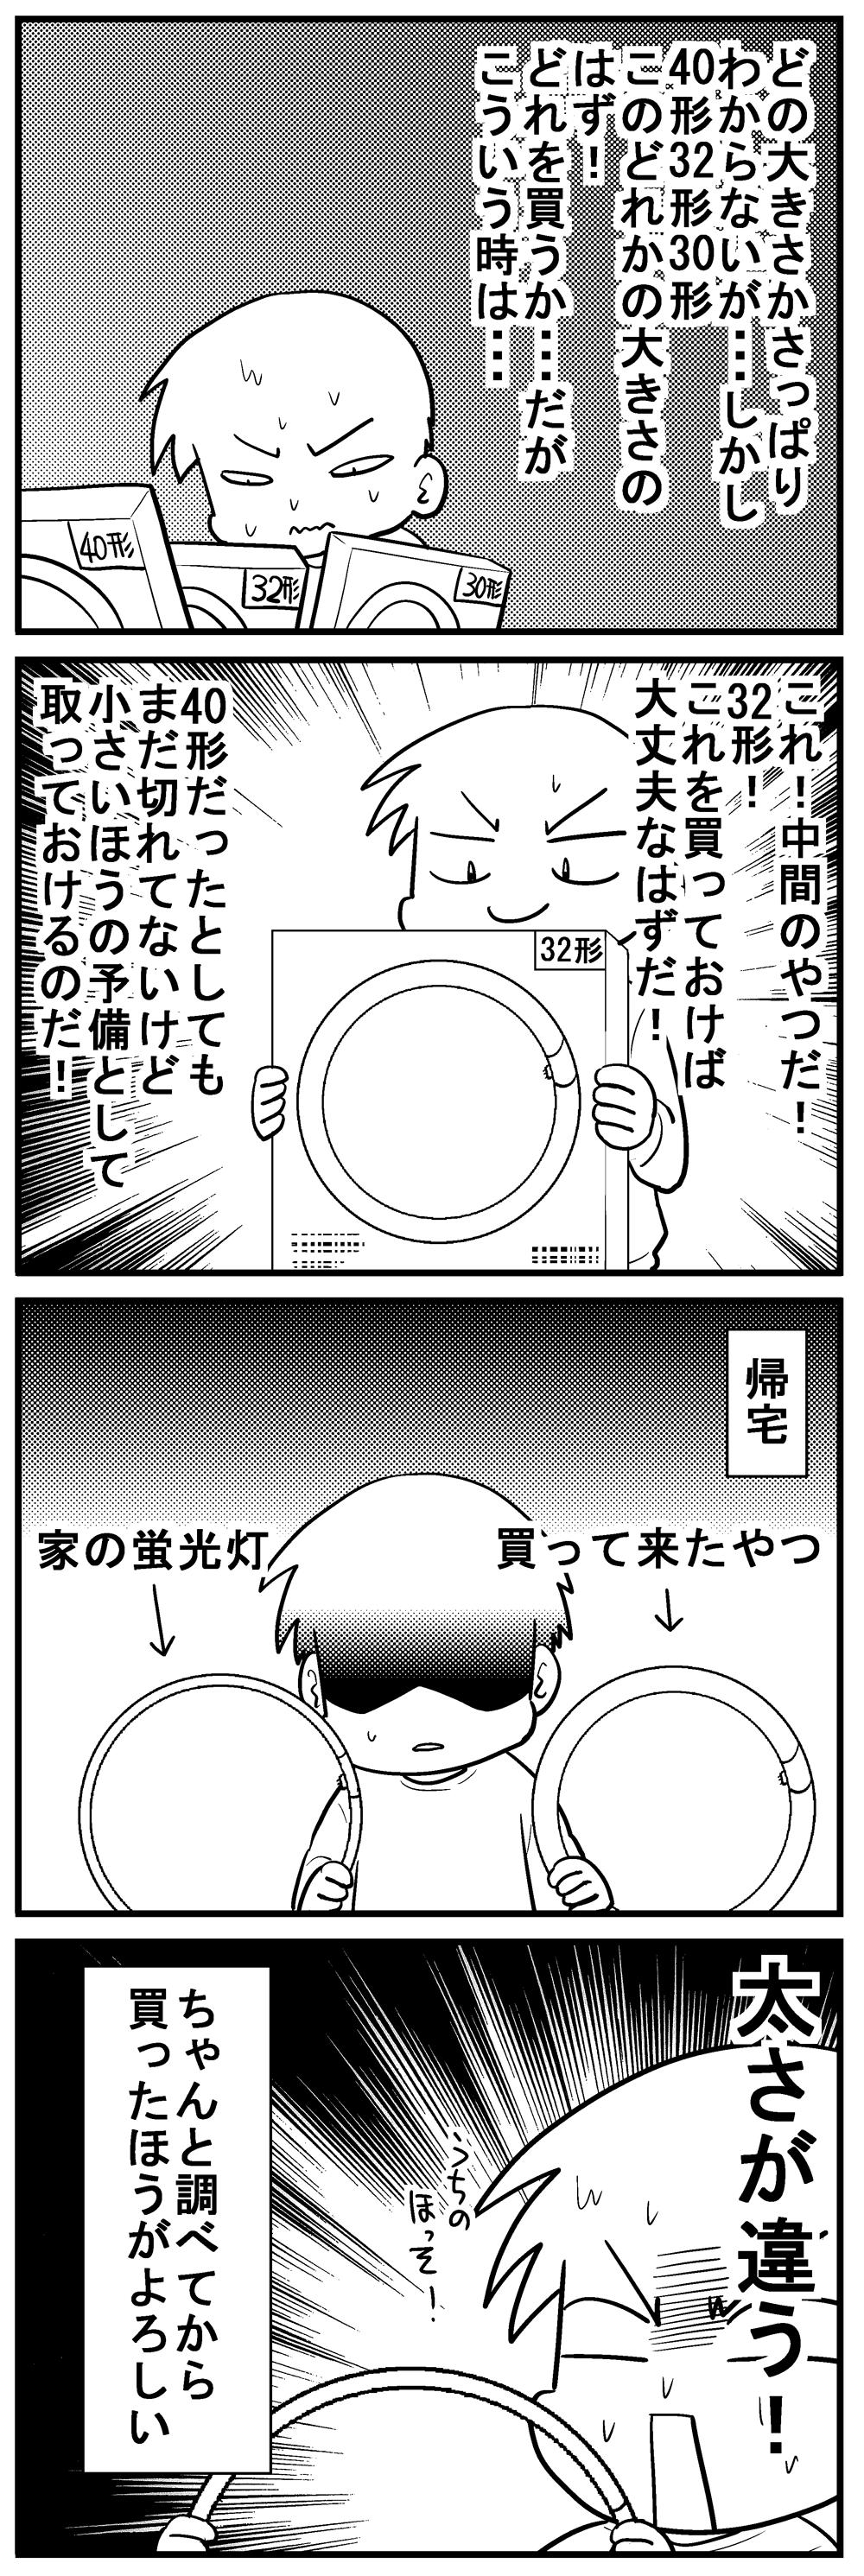 深読みくん107-2